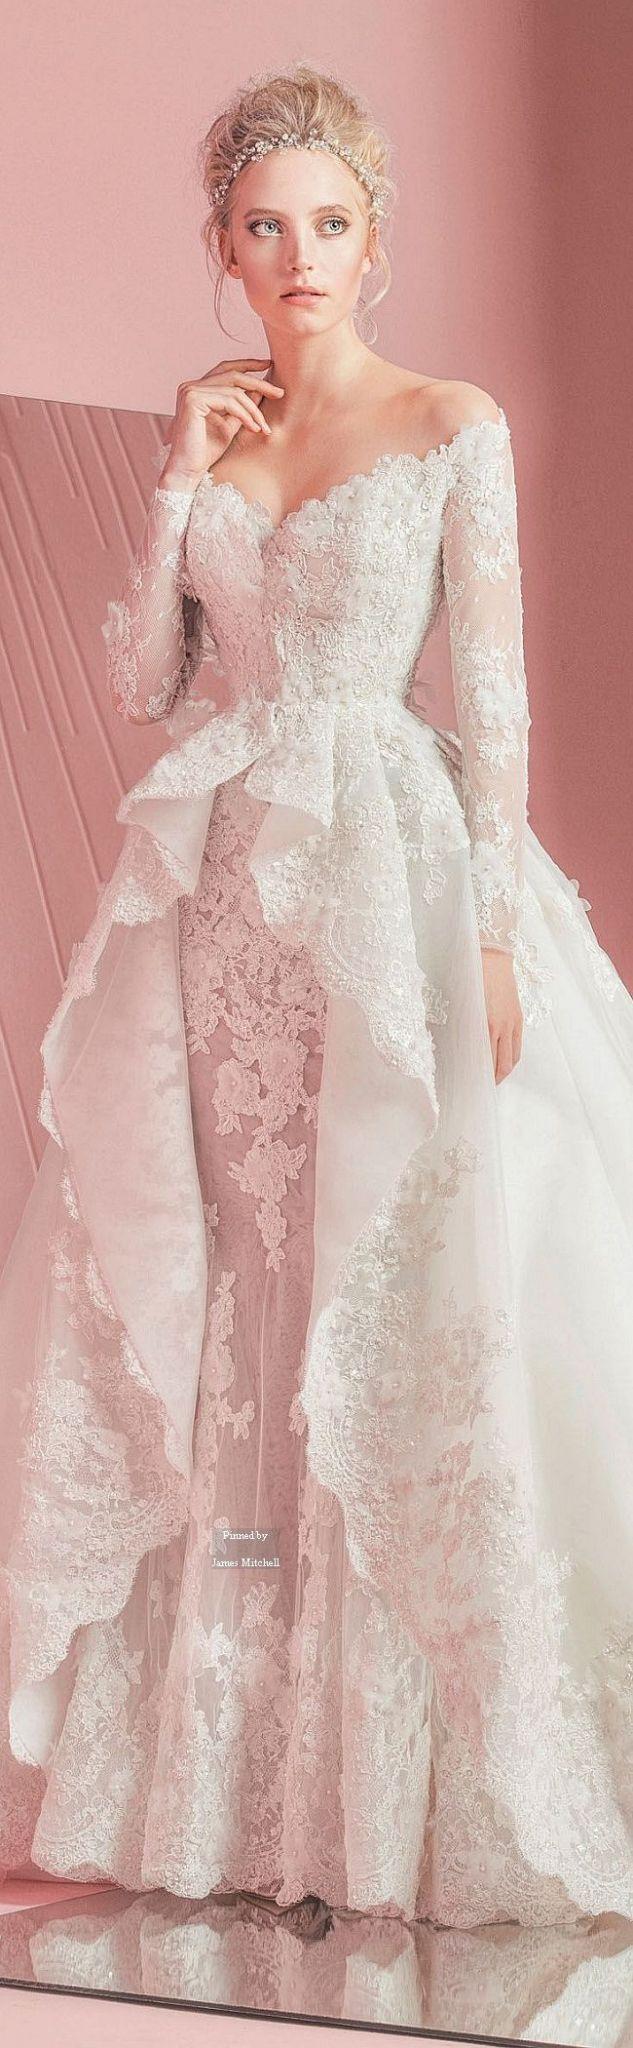 Zuhair Murad Wedding Dresses Prices - Dressy Dresses for Weddings ...